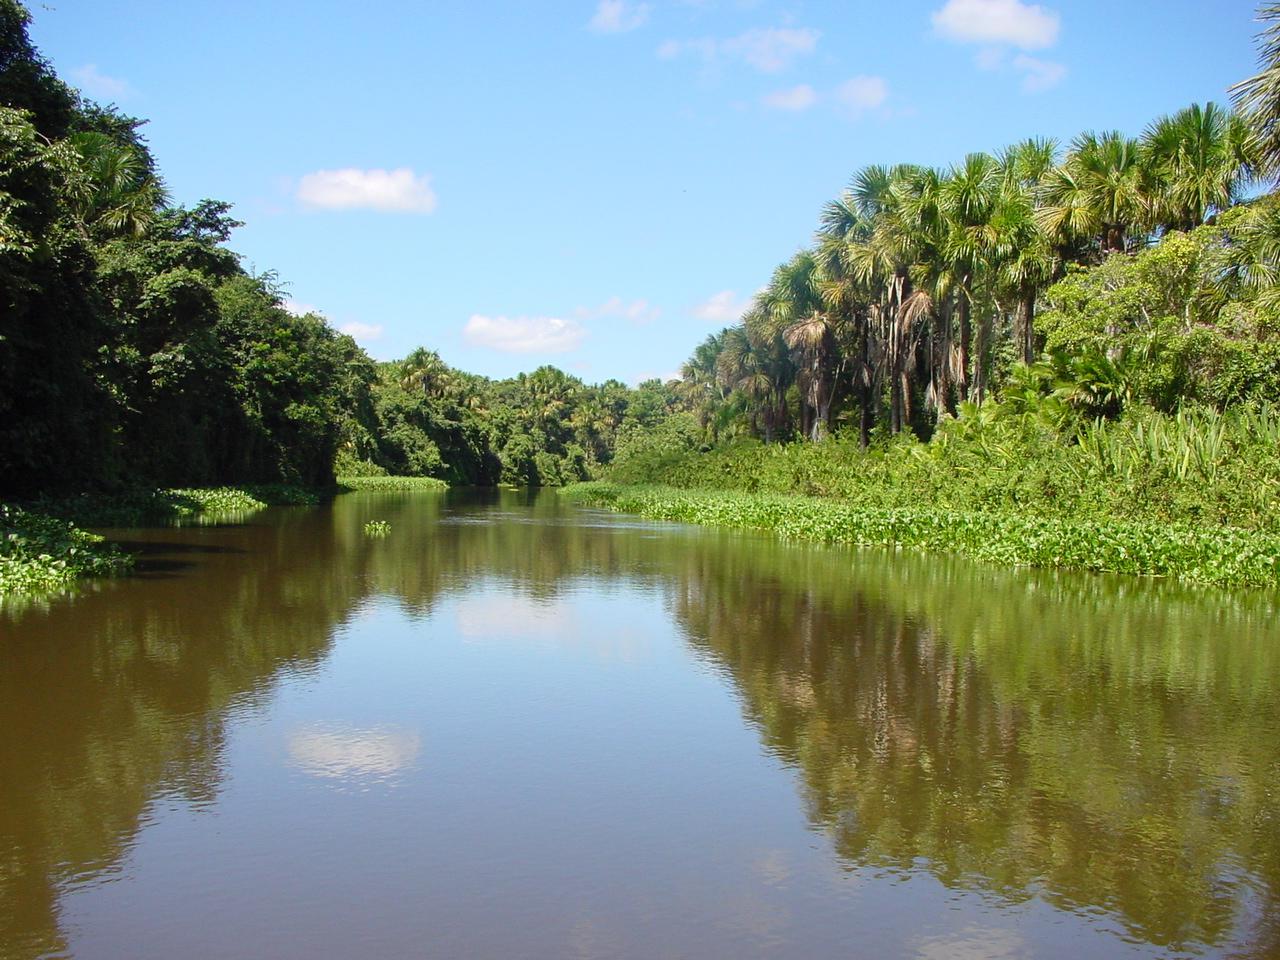 Entdecken Sie die Umgebung des Orinoco Deltas auf einer Rundreise durch Venezuela